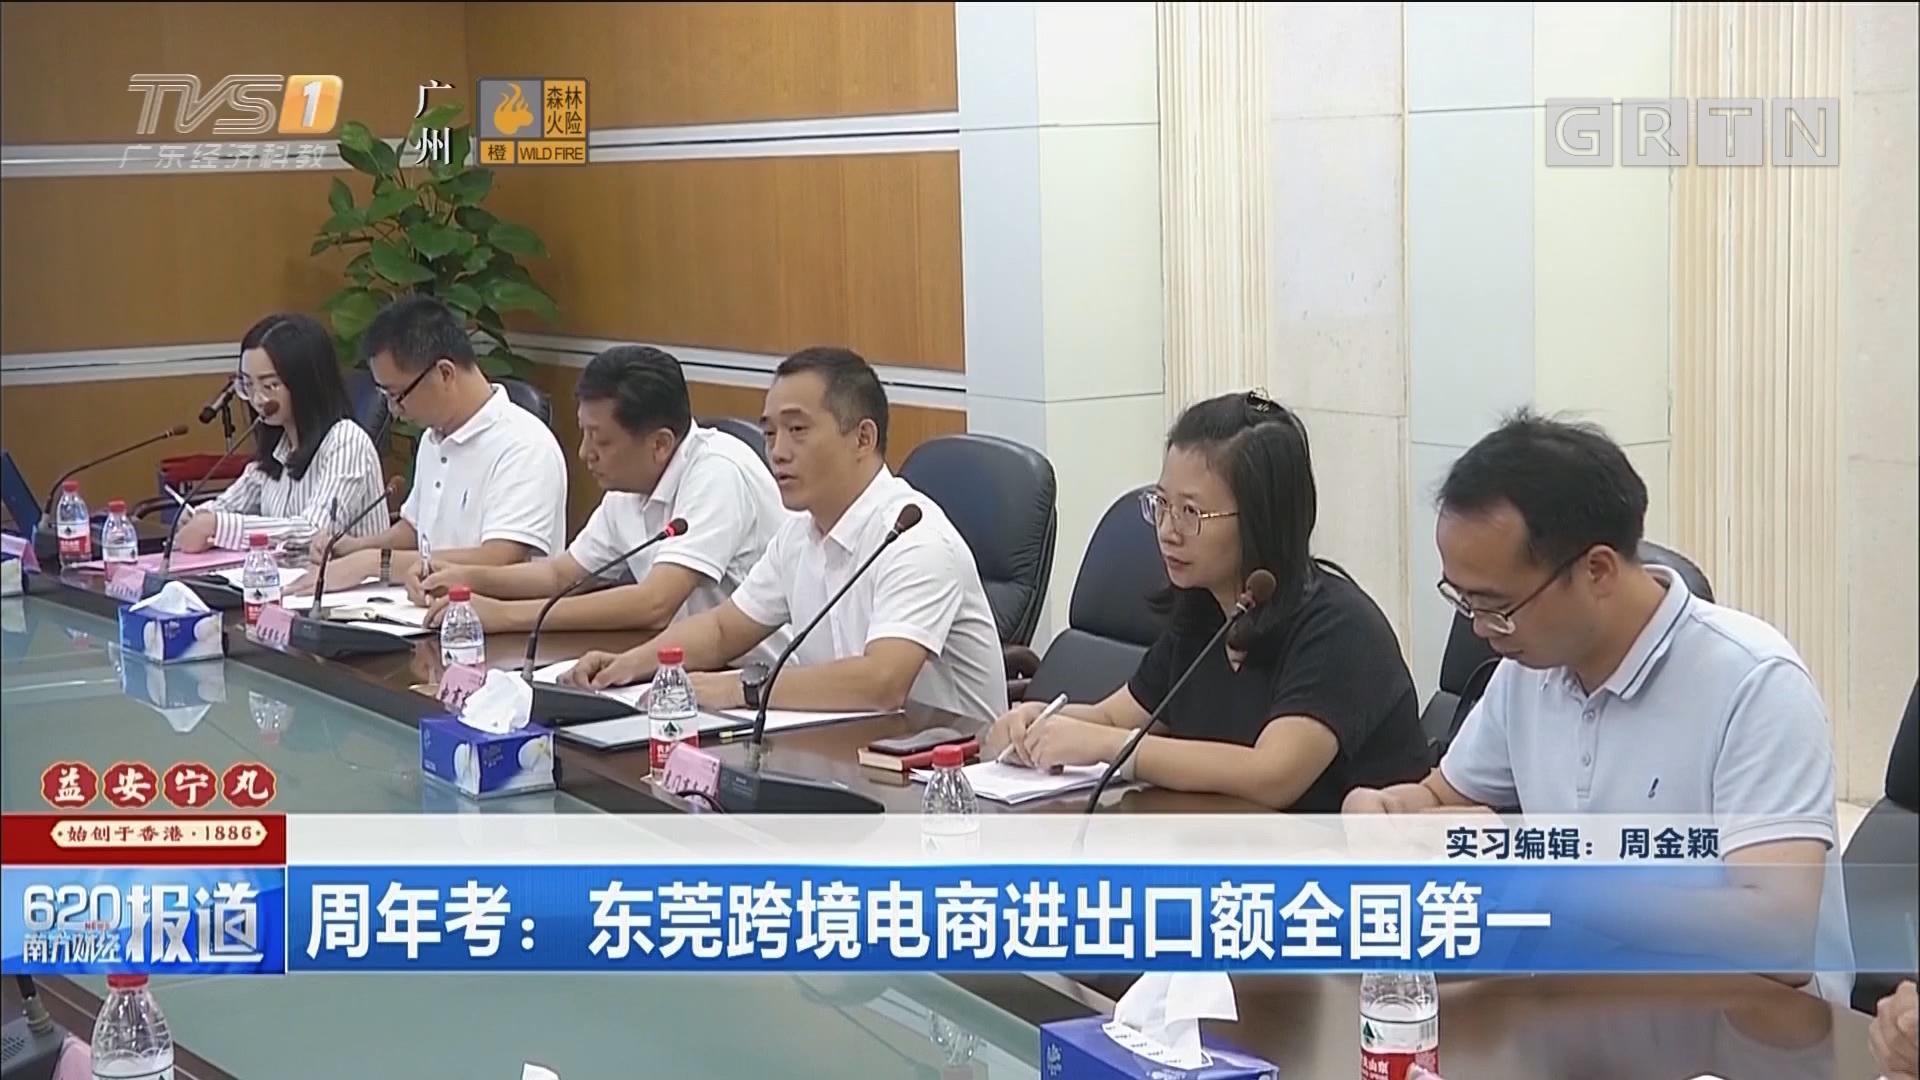 周年考:東莞跨境電商進出口額全國第一